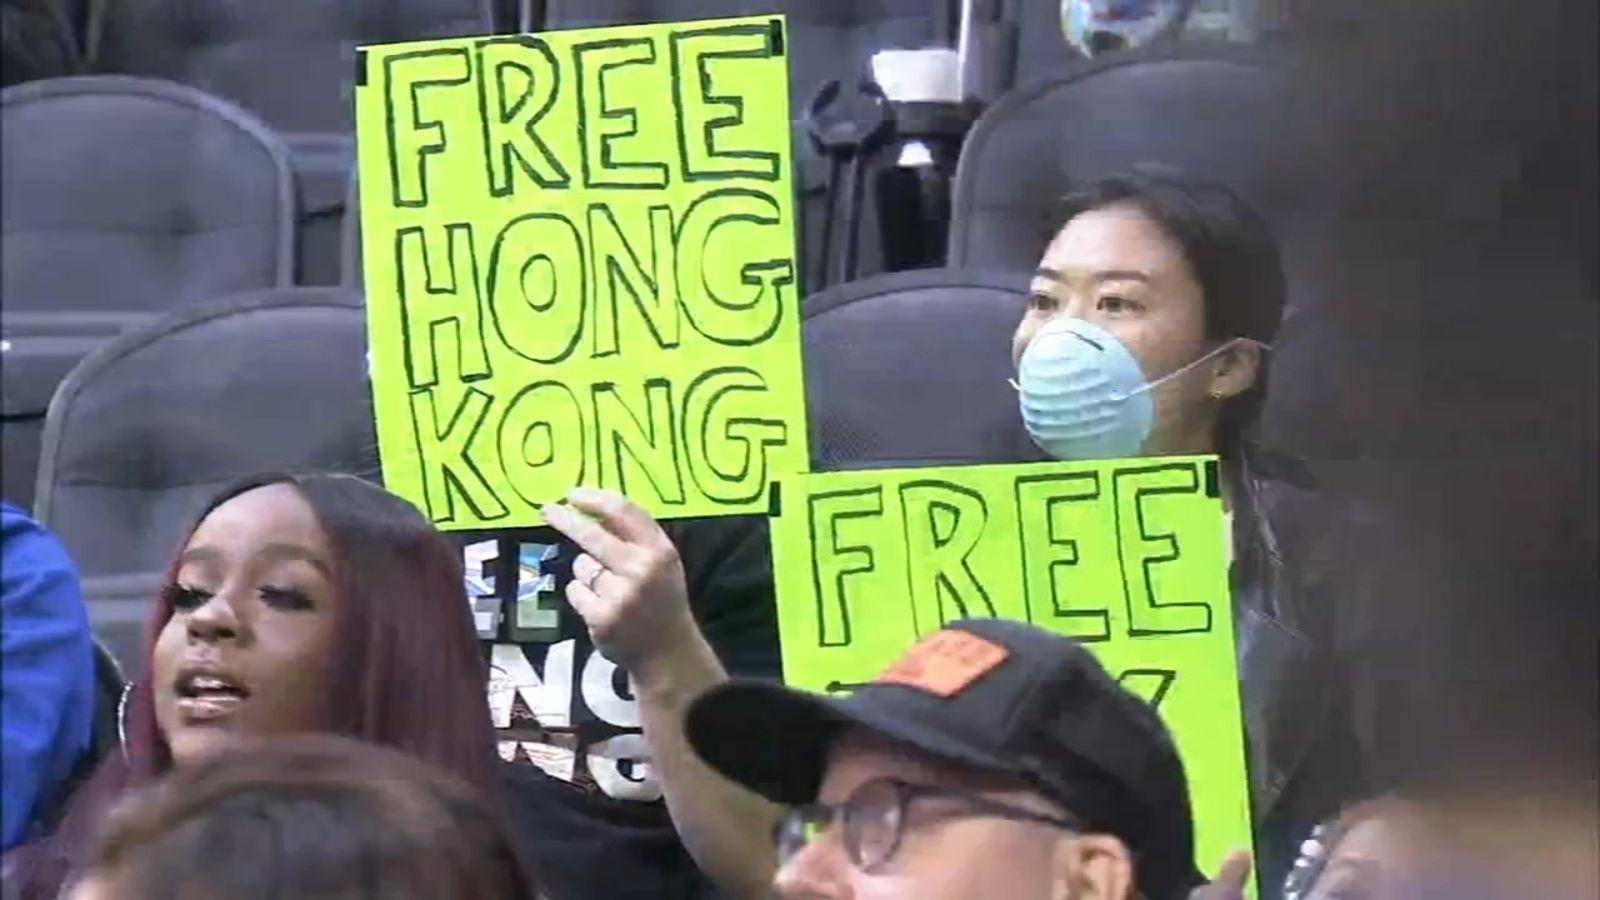 'Free Hong Kong' chants get fans kicked out of NBA